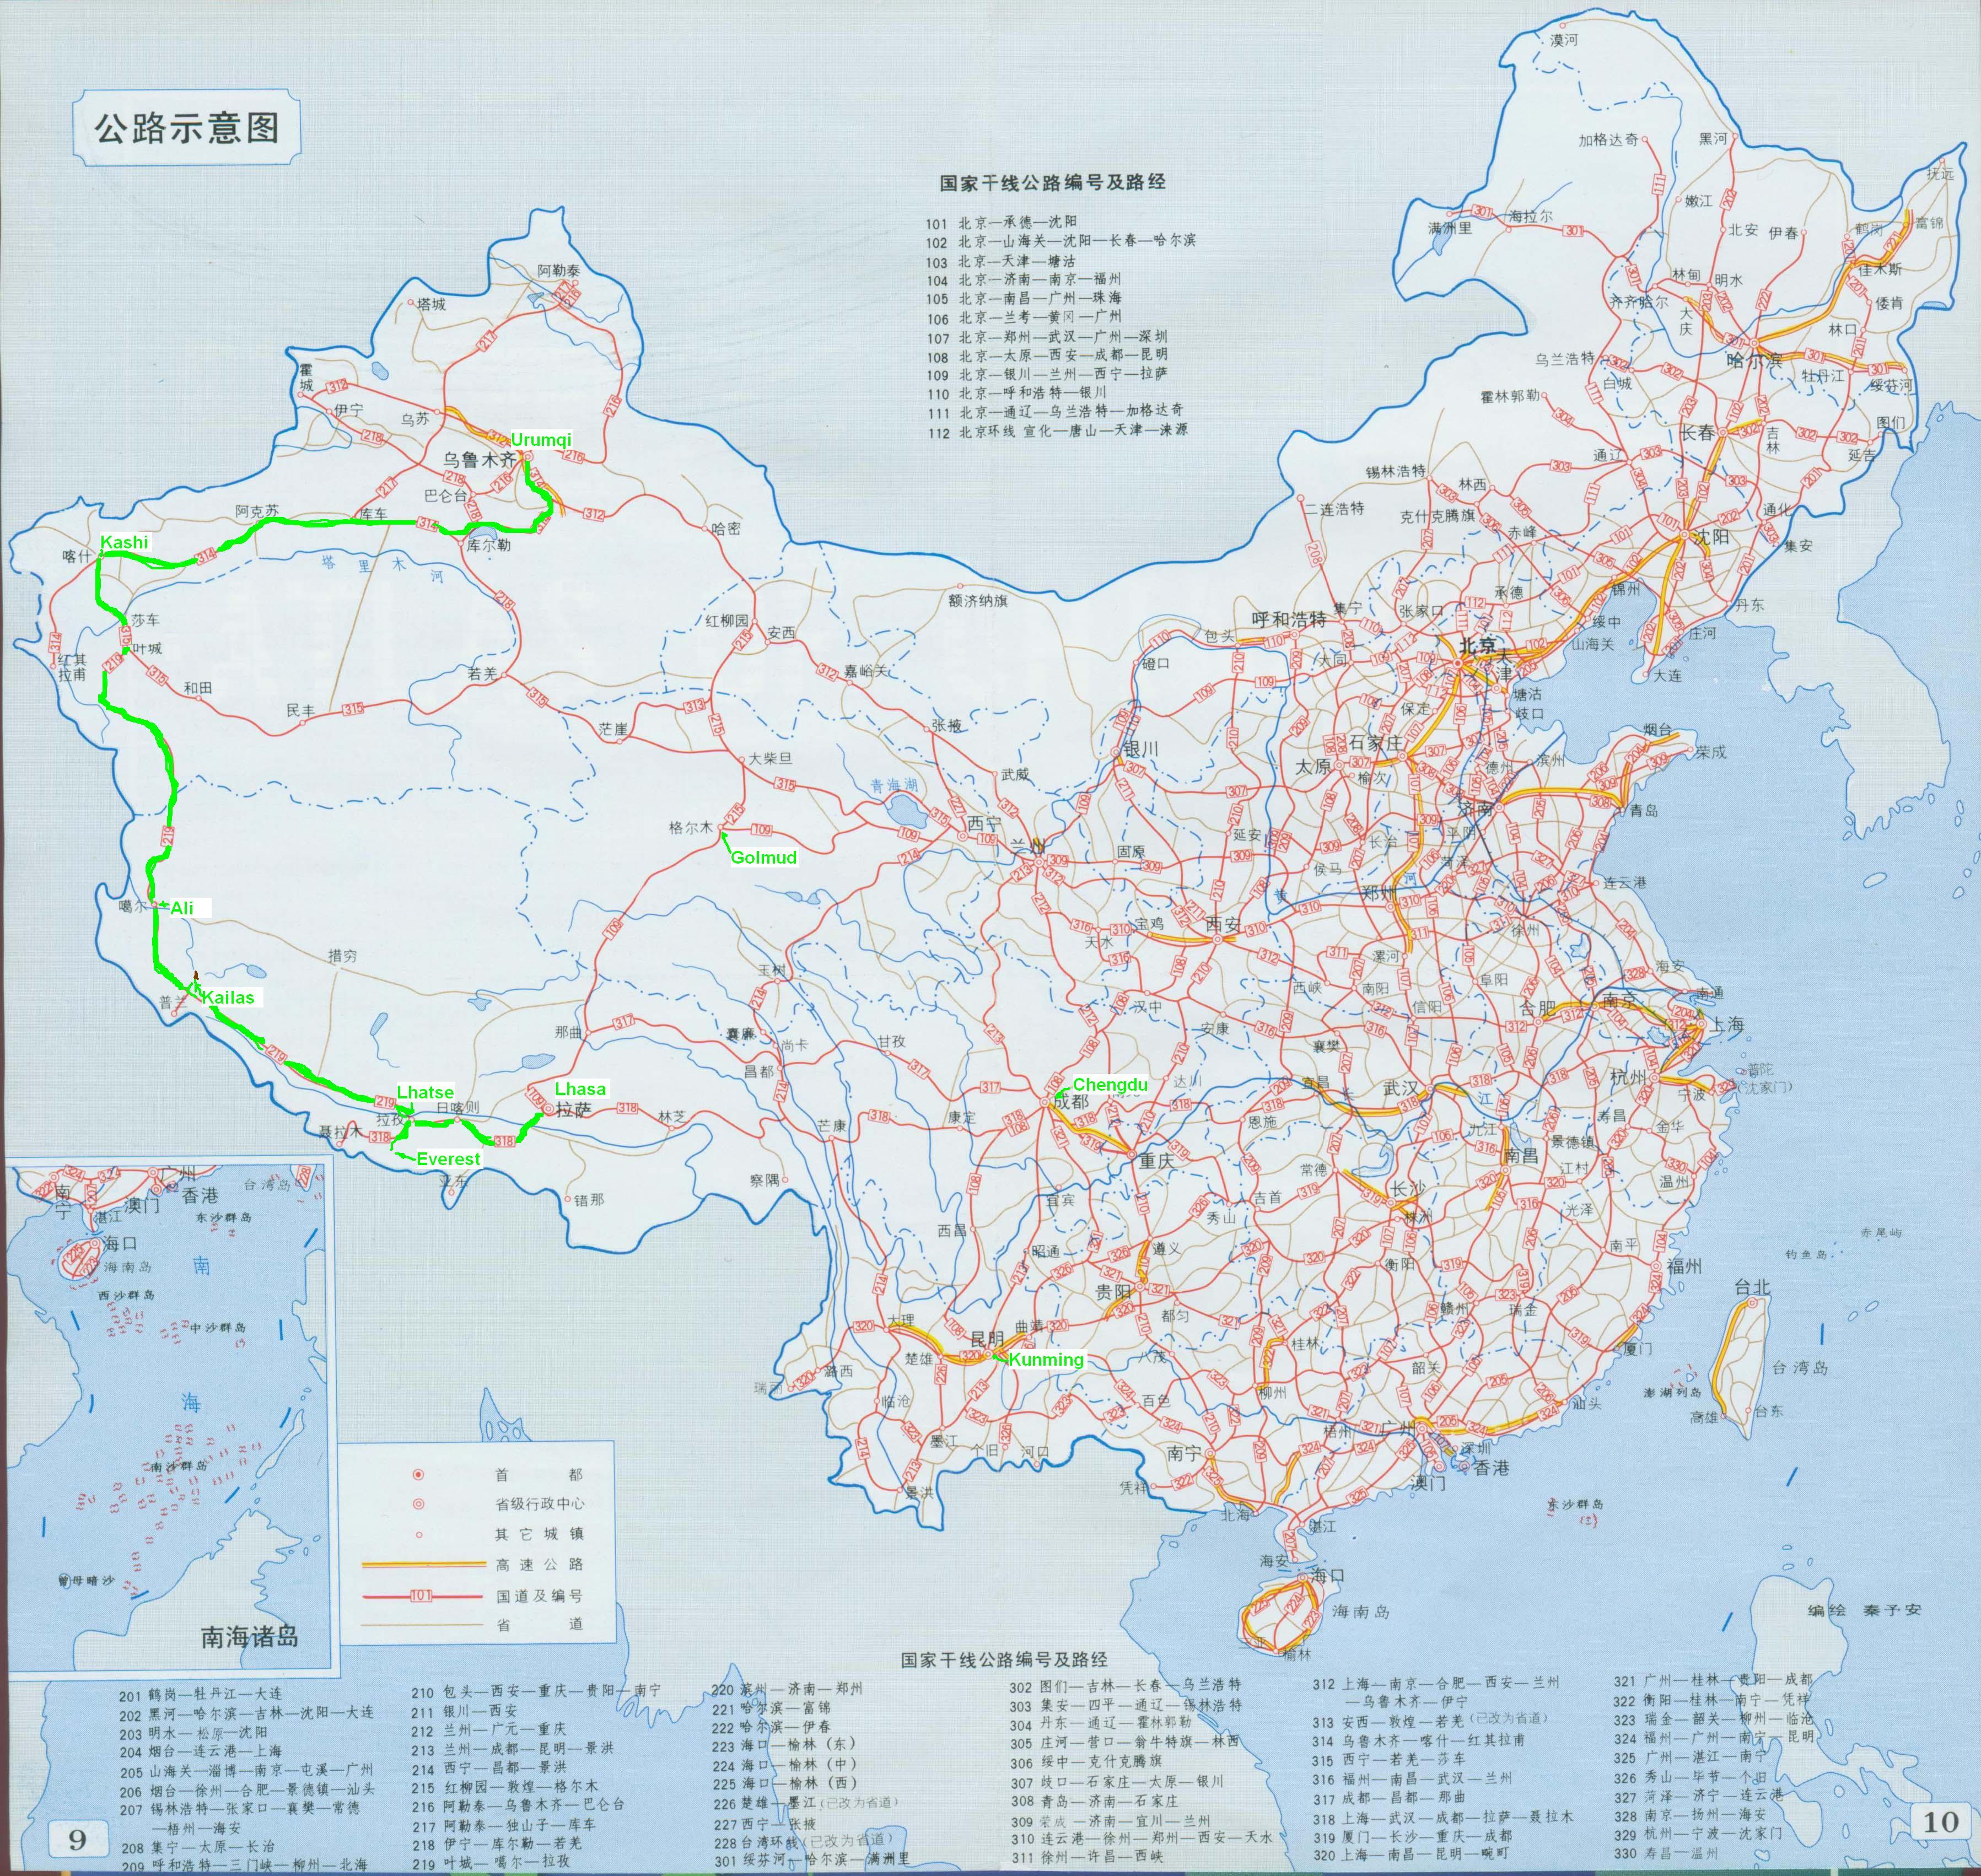 крупным планом: путь по Тибету